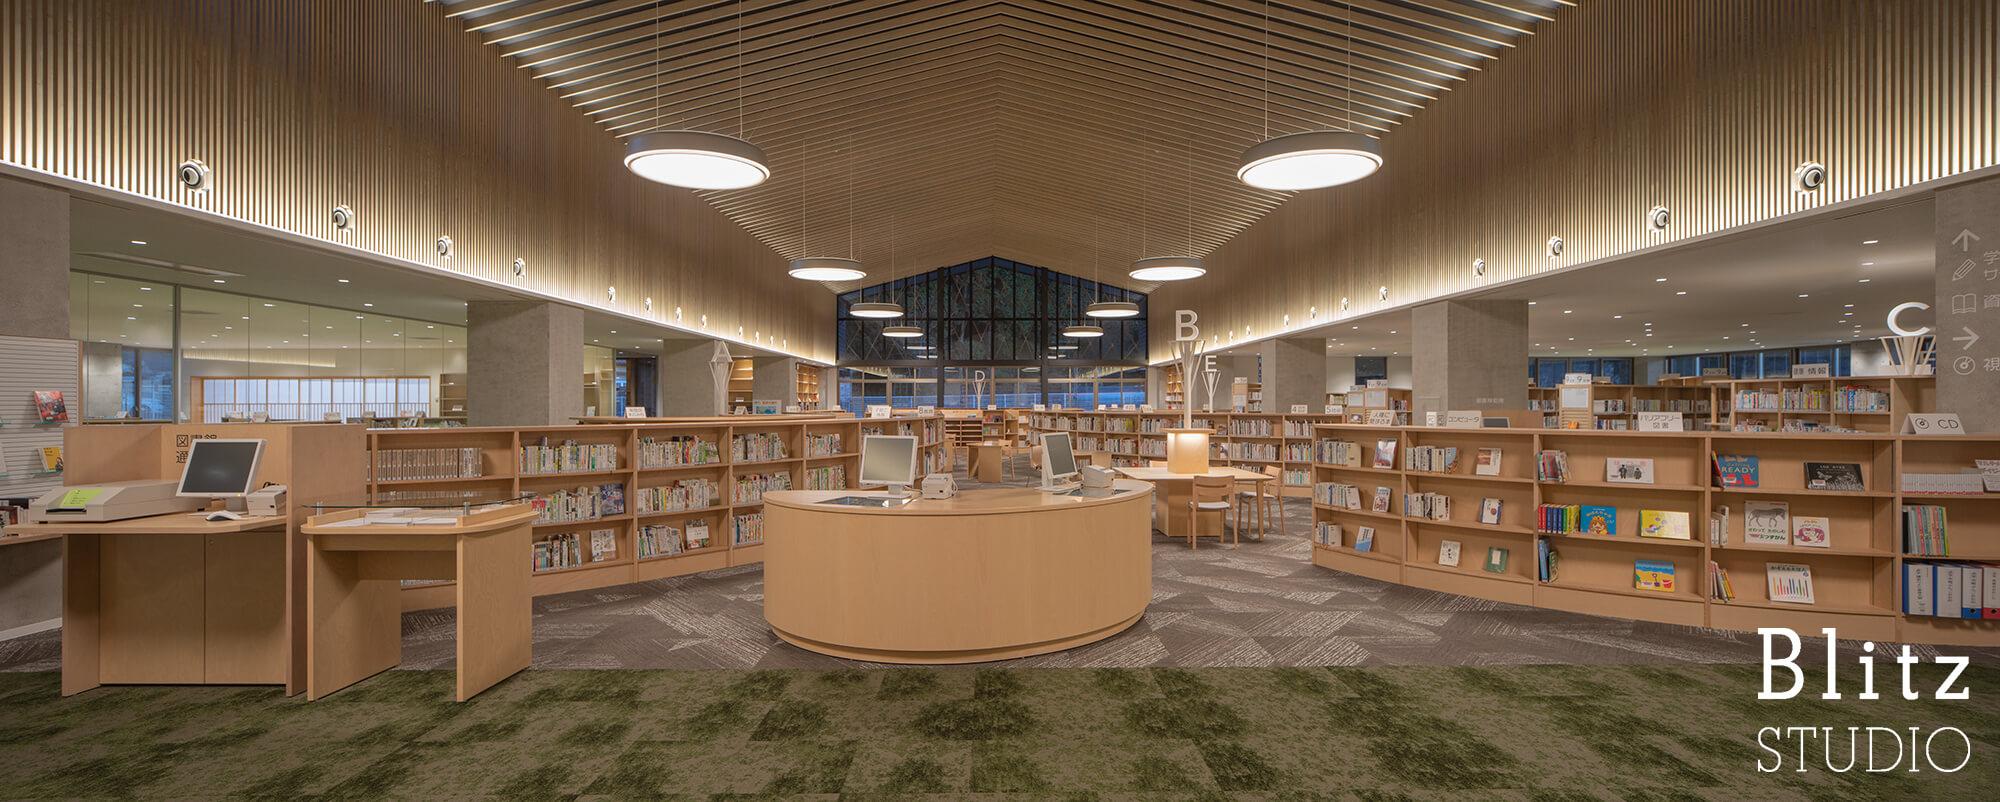 『豊後大野市立図書館』建築写真・竣工写真・インテリア写真18